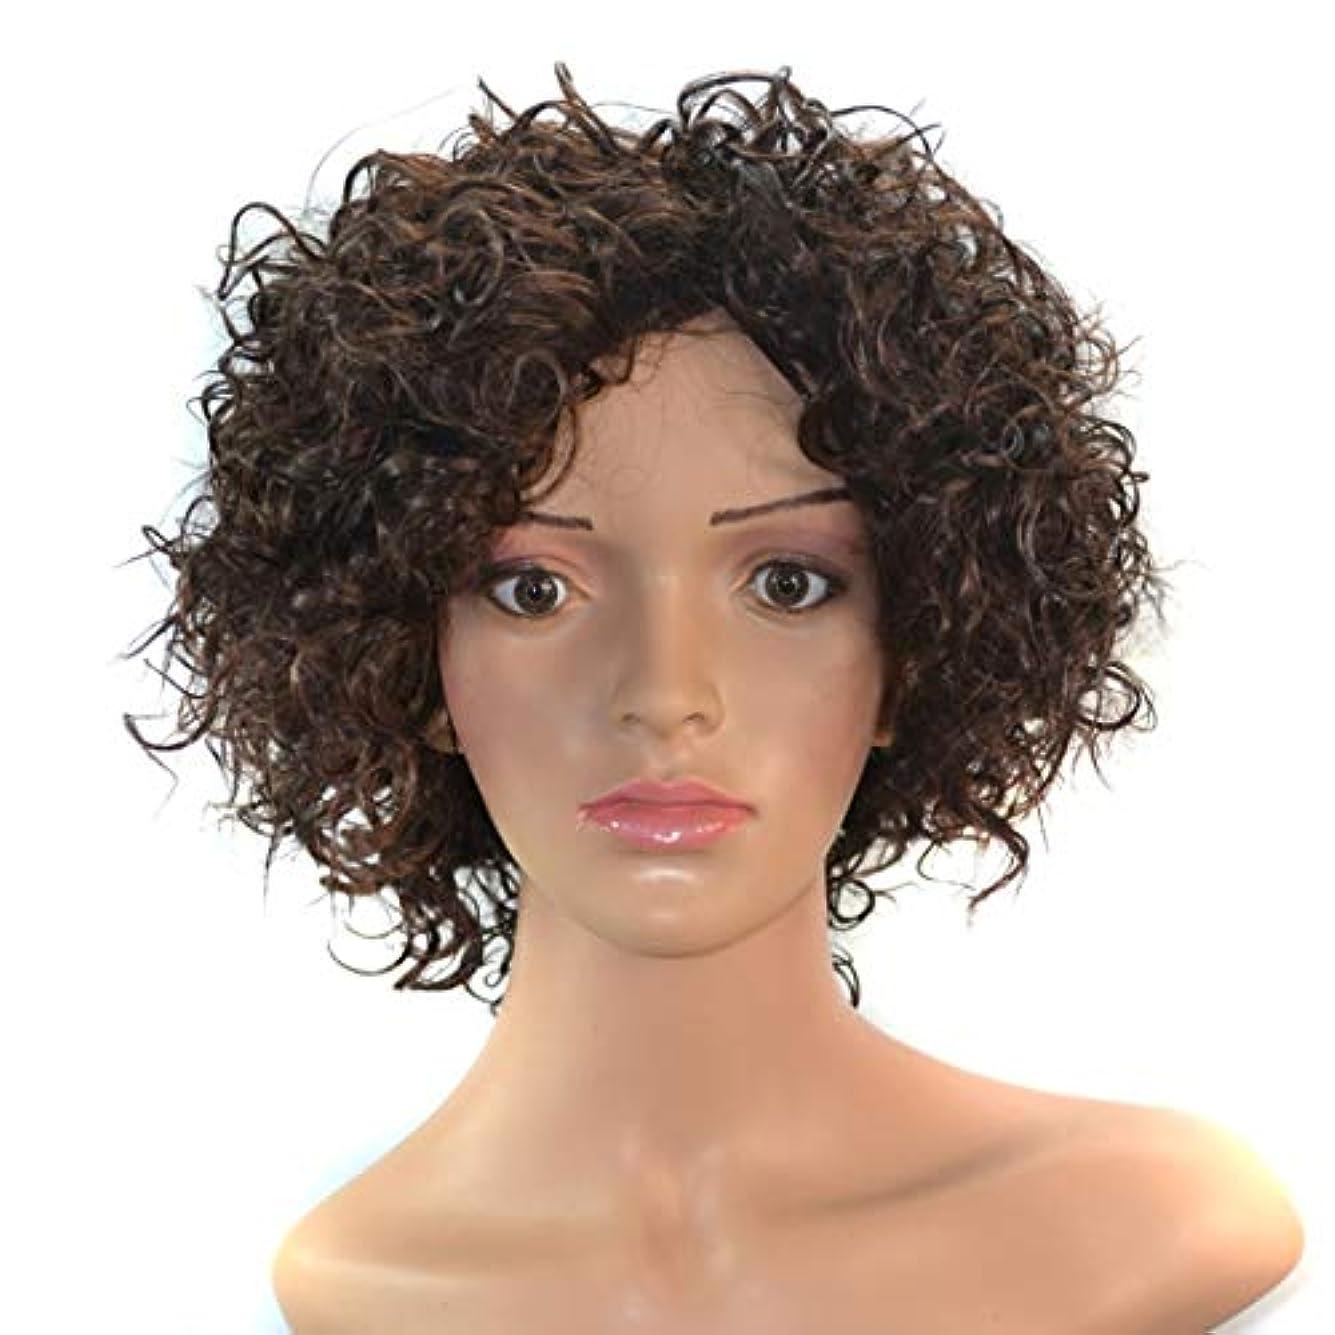 不名誉な酸度に同意するYOUQIU 女性の自然な人工毛かつらのための14